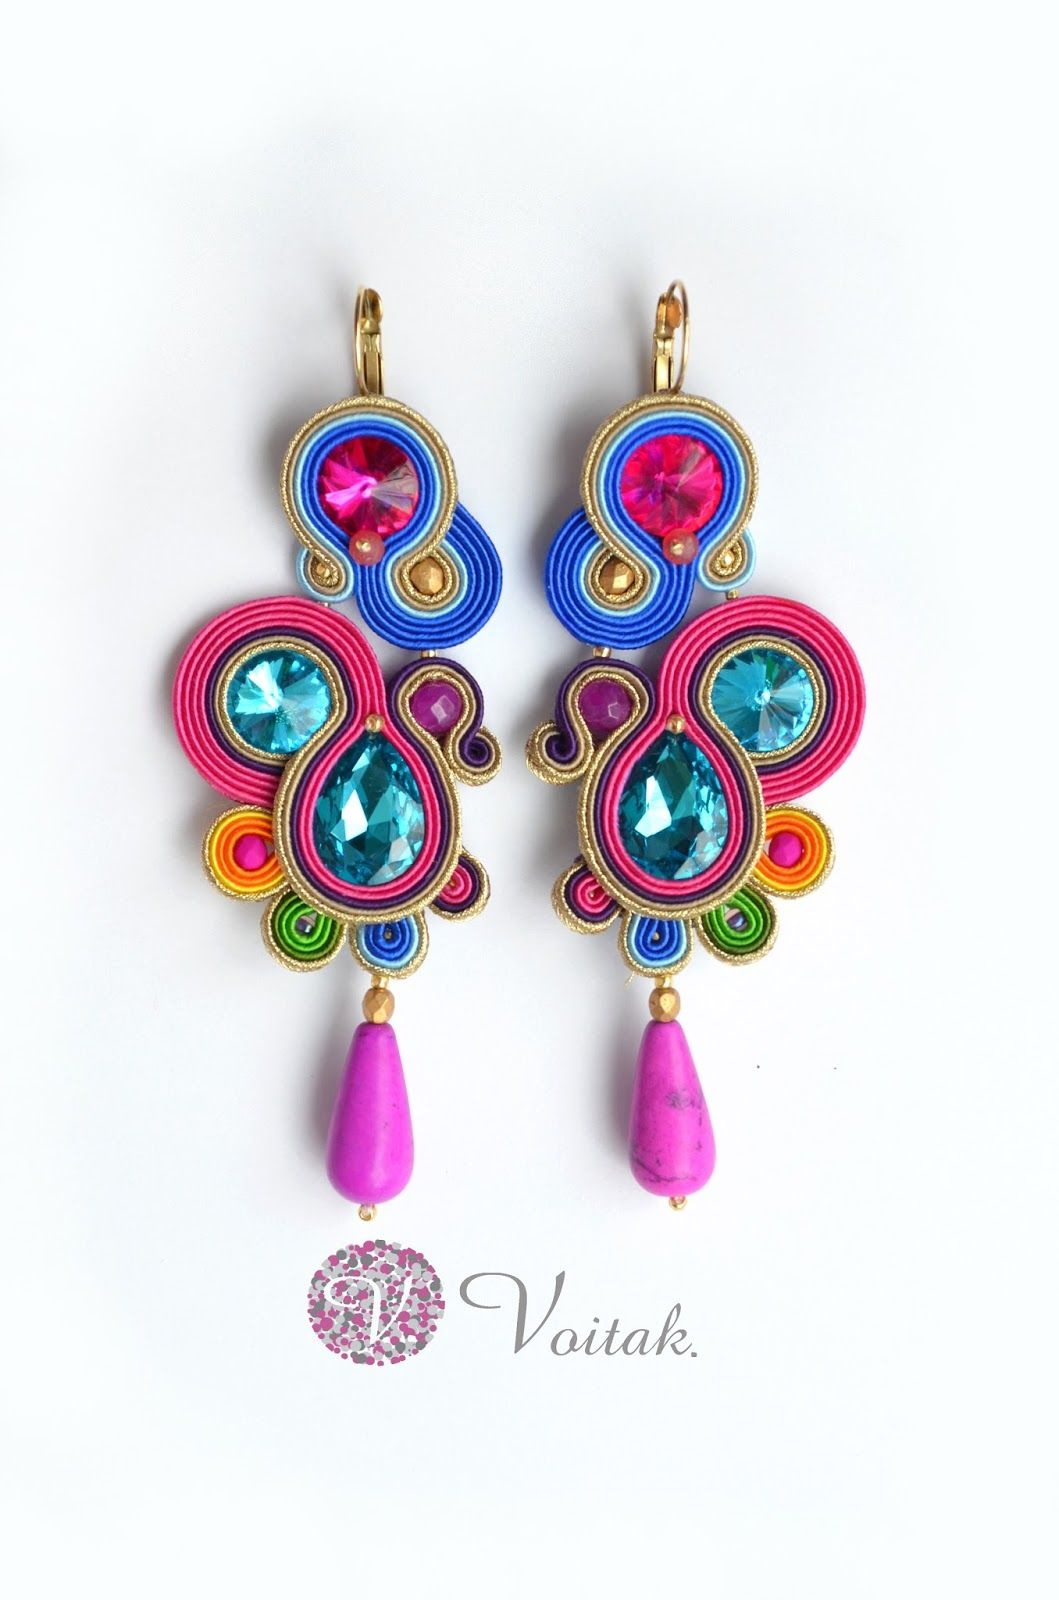 Soutache Jewelry. Artystyczna Biżuteria Autorska Katarzyna Wojtak: #0084 Kolczyki i #0085 bransoletka. Rio d'Ana. Komplet Sutasz.